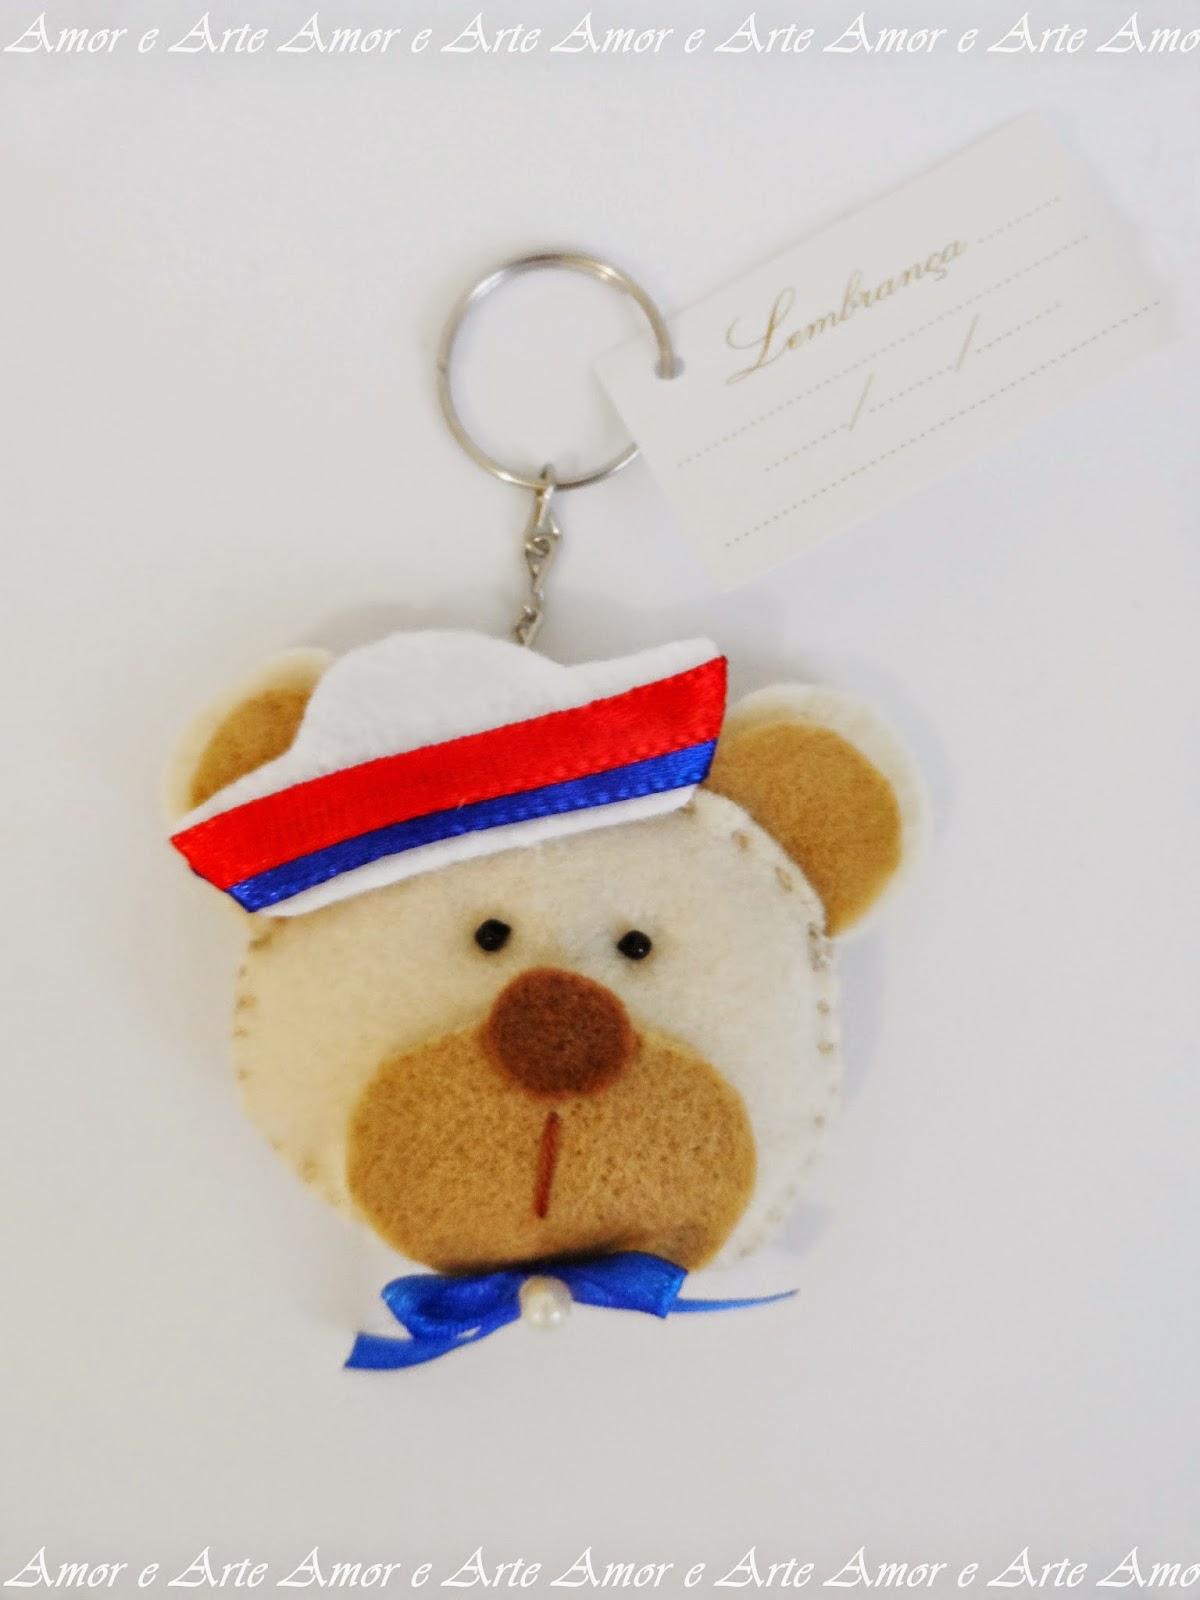 Chaveirinho, Urso Marinheiro em Feltro - Lembrancinha